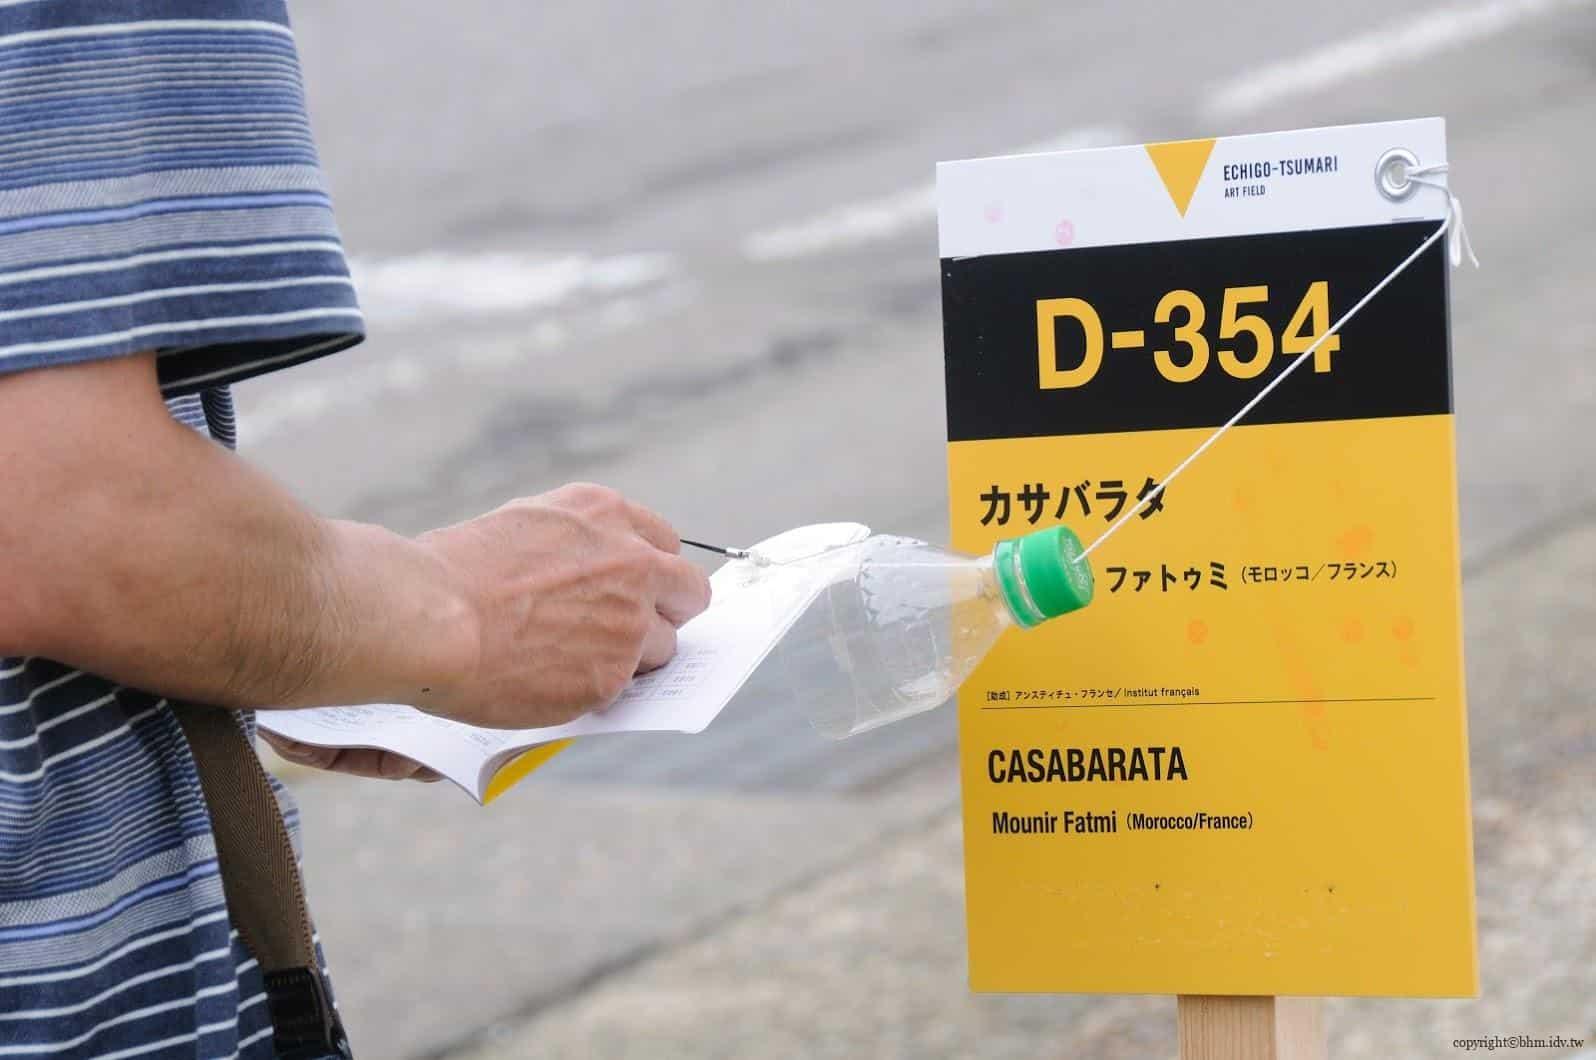 摩尼爾‧范特米,CASABARATA,越後妻有大地藝術祭提供的集章點,設計上透過將印章放在切了一半的保特瓶蓋避免汙穢或雨淋,很有巧思 casabarata CASABARATA CASABARATA 04